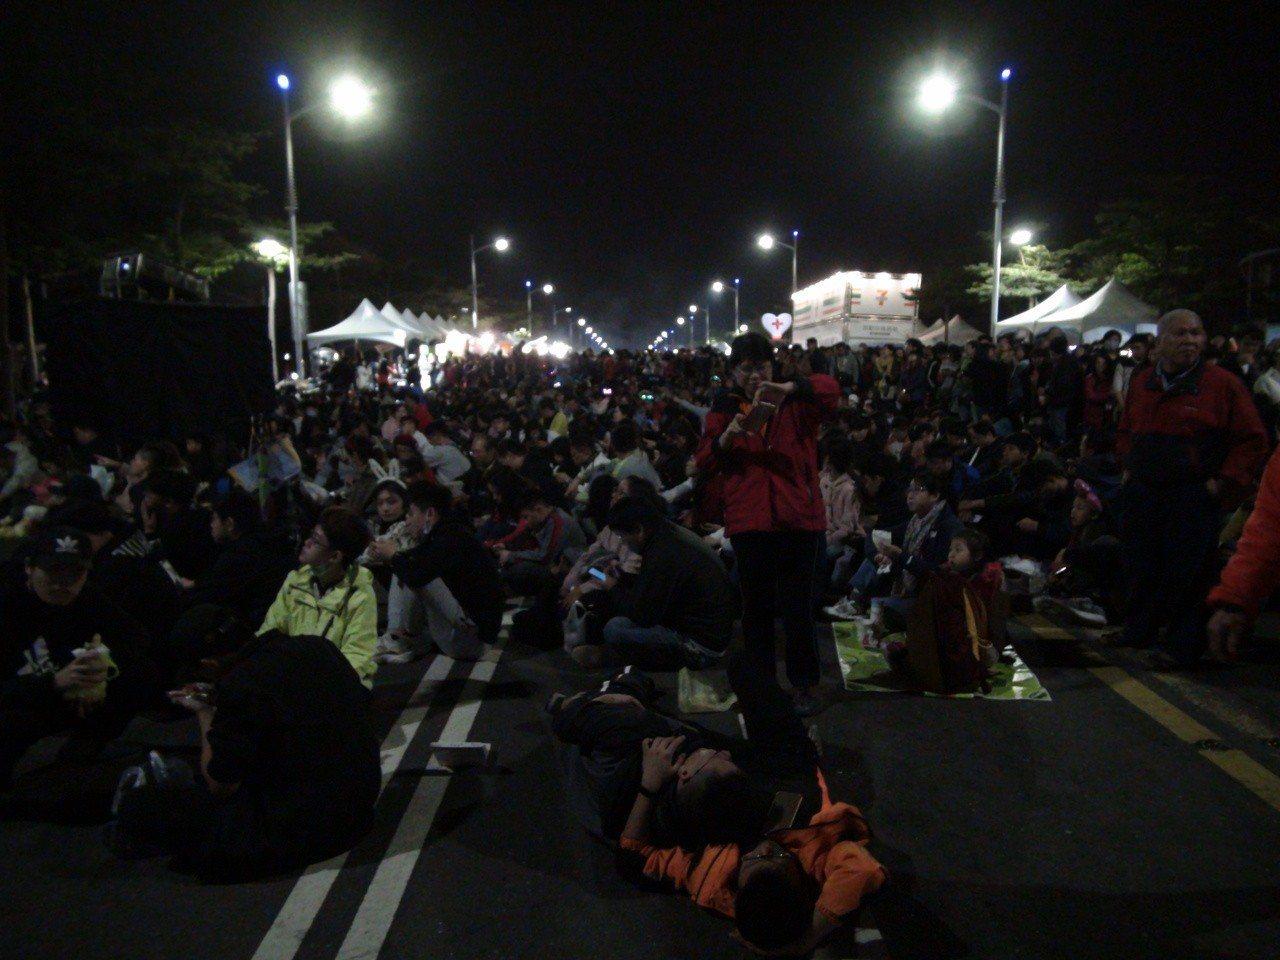 夢時代跨年派對到今晚10點10分,主辦單位宣稱現場已有50萬人。記者謝梅芬/攝影